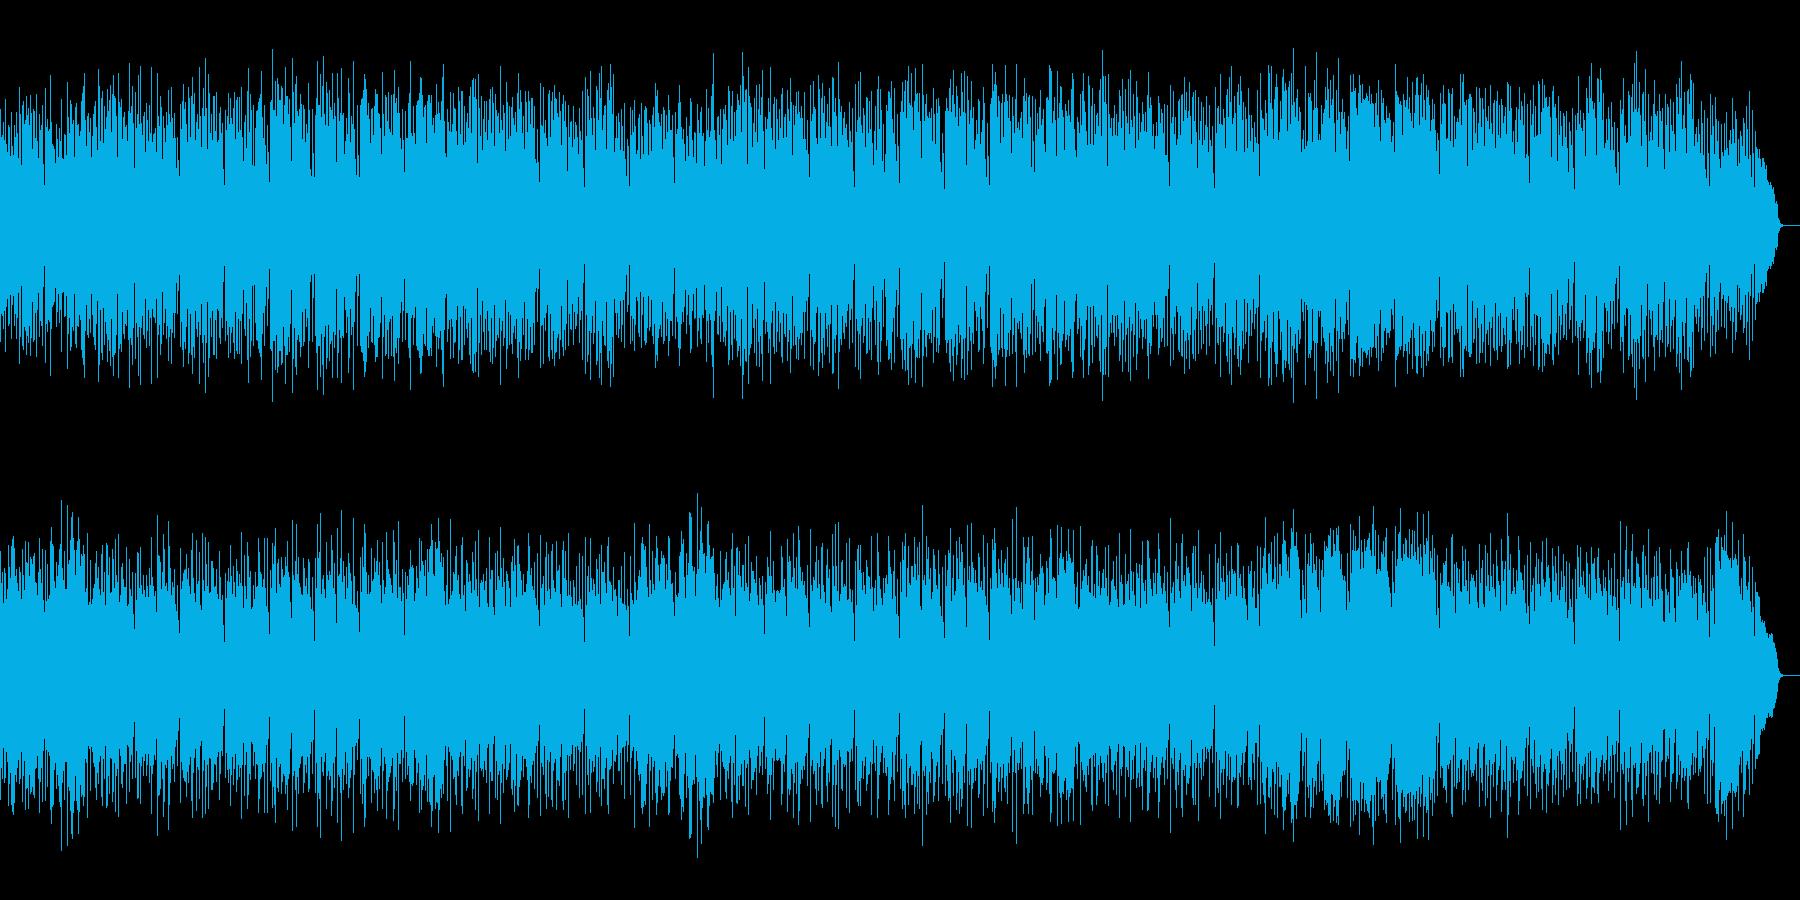 切なくも弾むリズムの懐かしい昭和ポップスの再生済みの波形